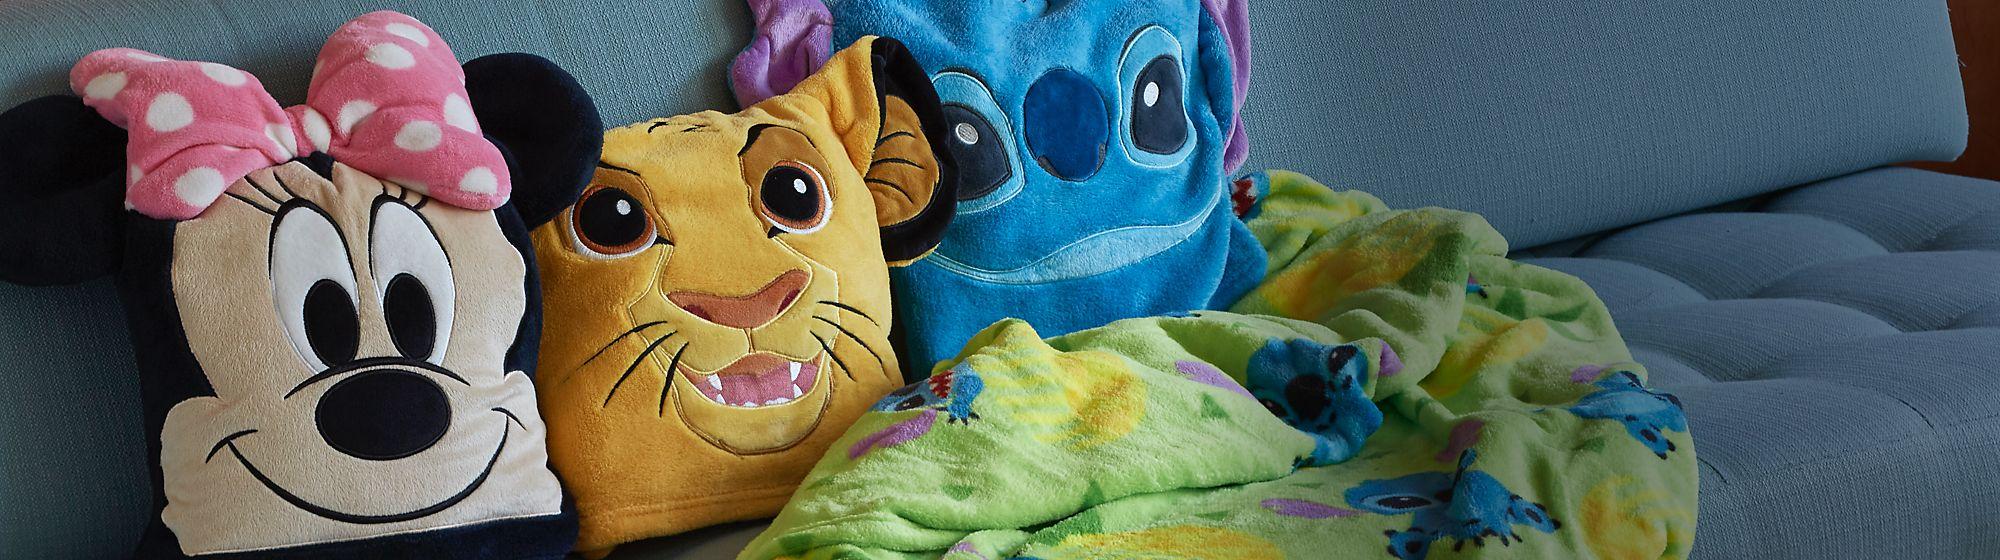 Cuscini Aggiungi un po 'di magia alla tua casa con la nostra gamma di cuscini Disney, Pixar, Star Wars e Marvel